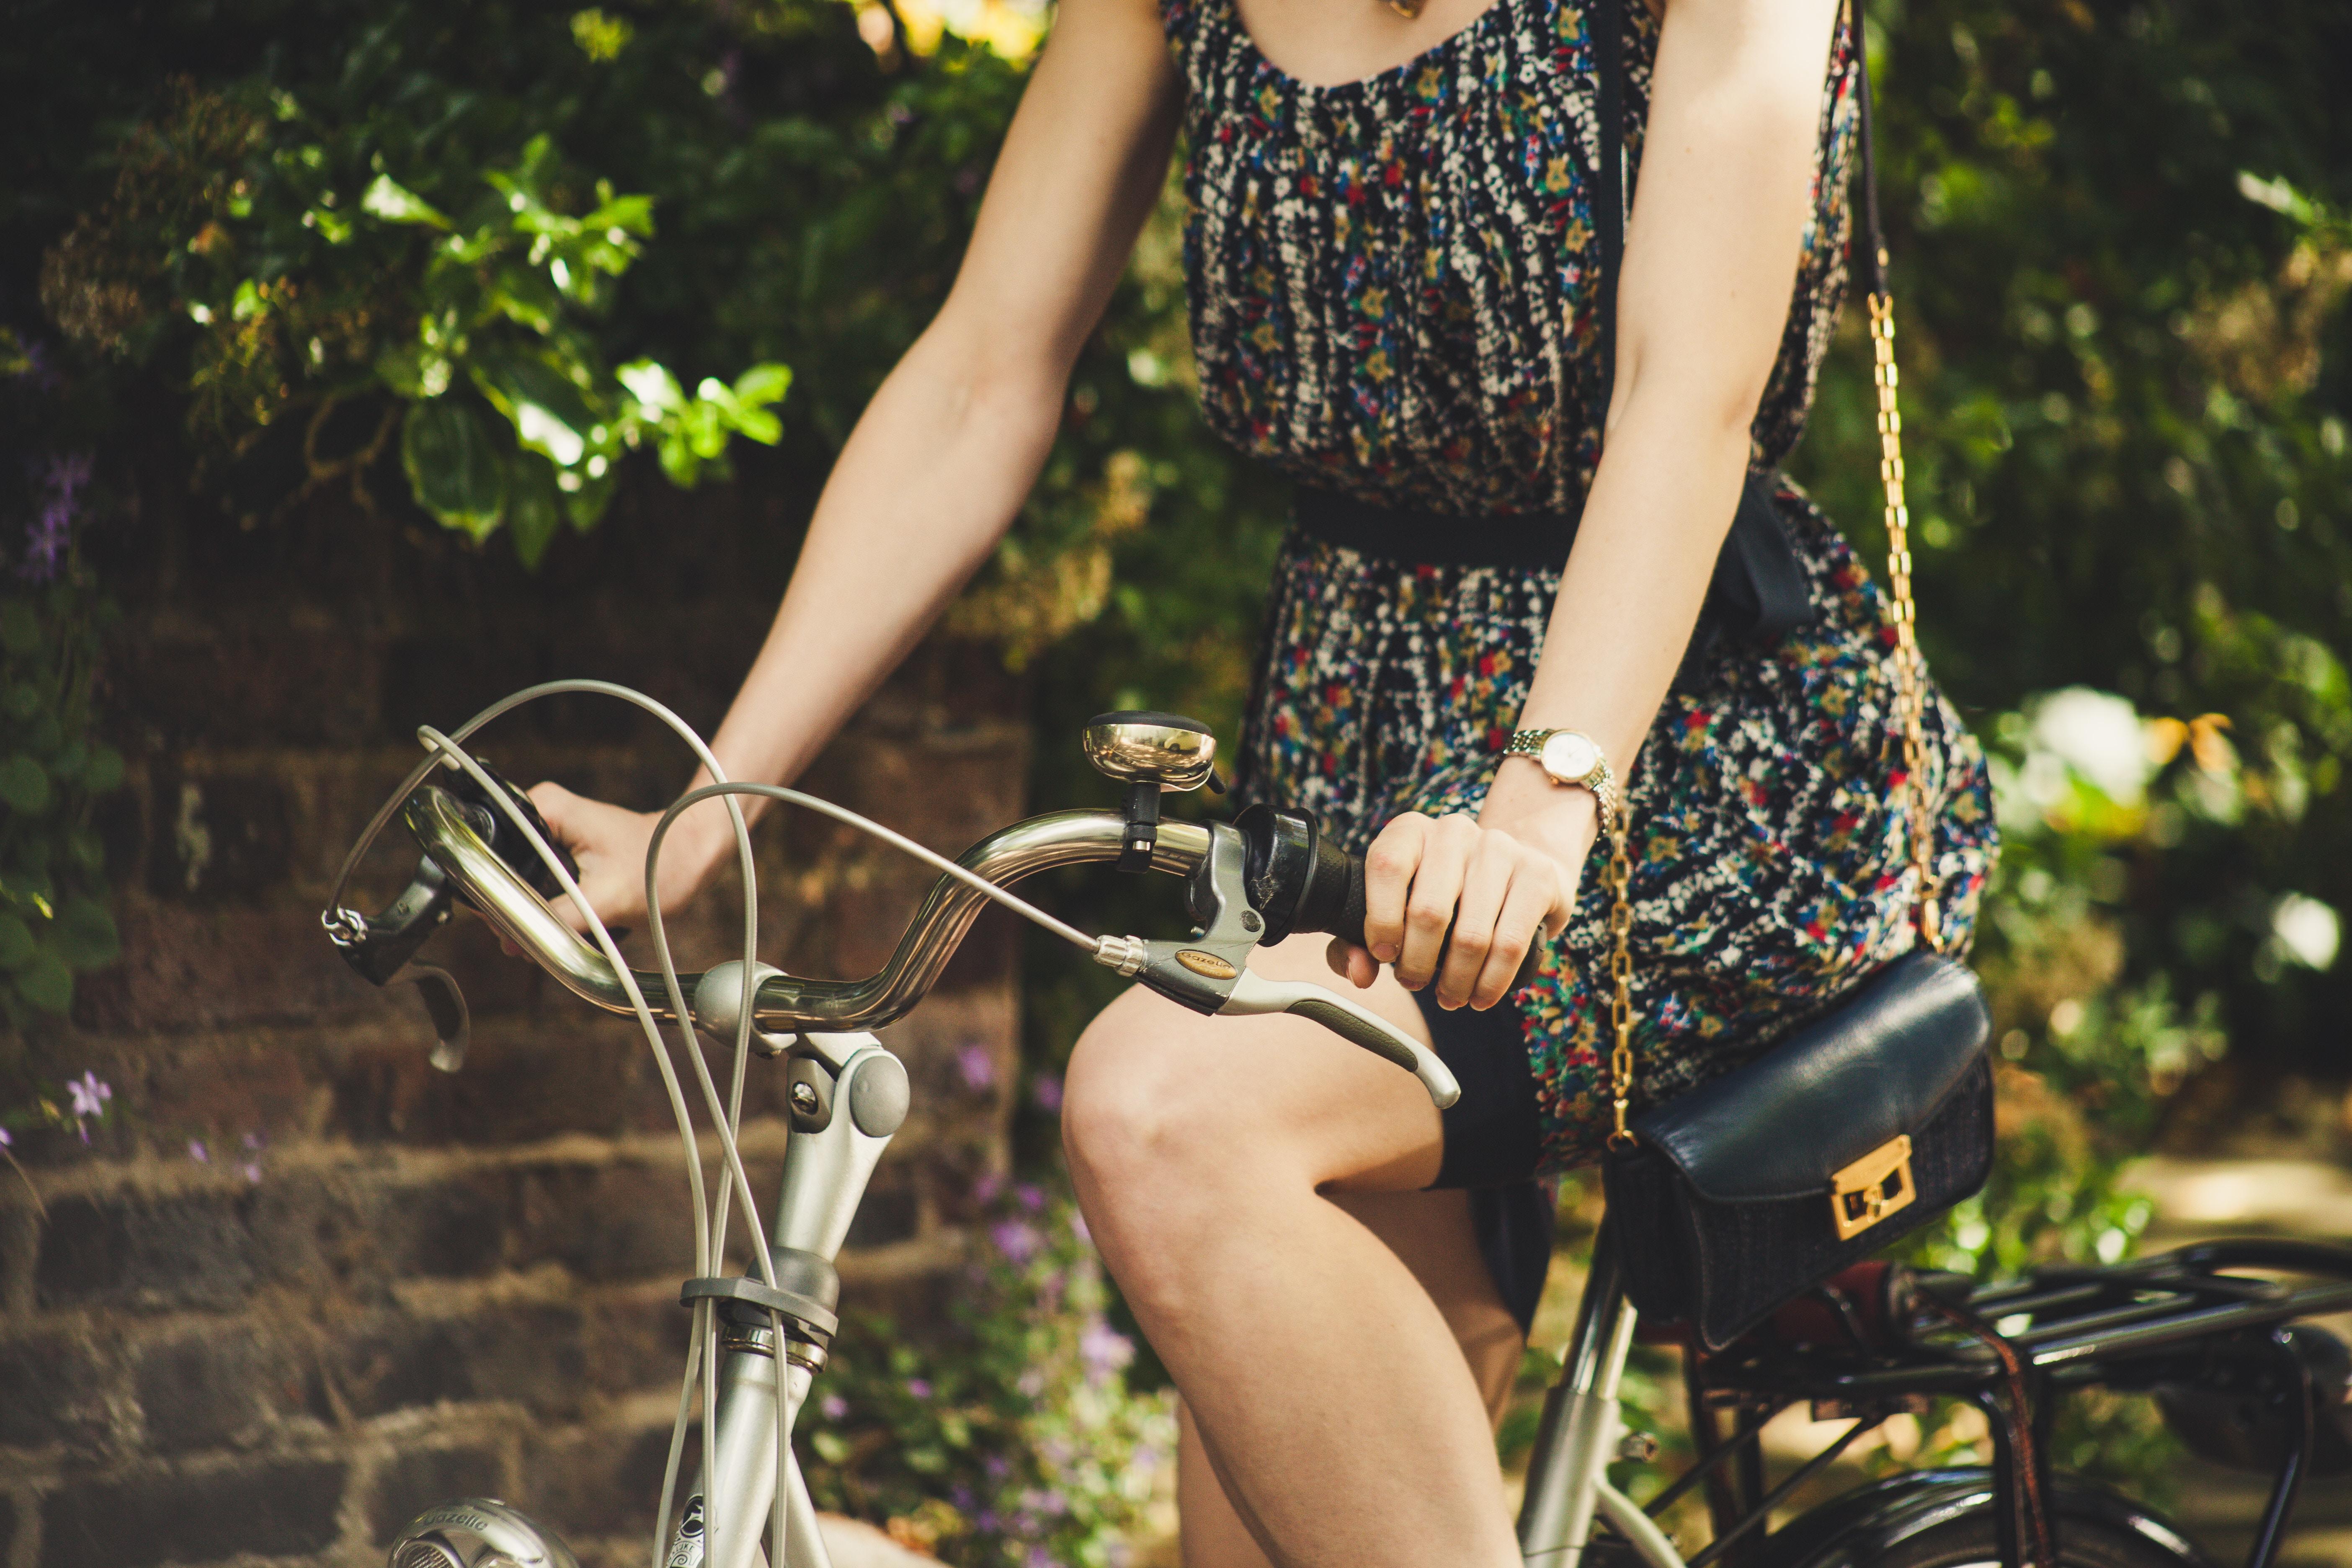 unsplash Meisje op de fiets